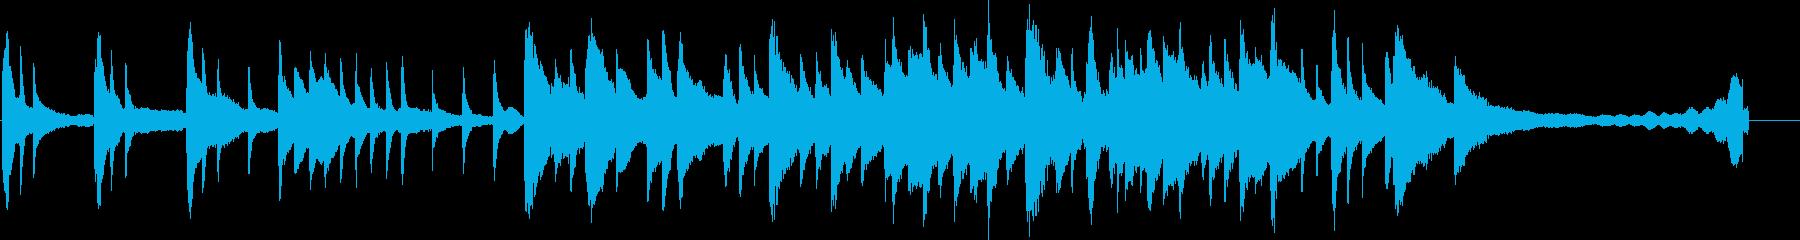 静かで切ないピアノ曲の再生済みの波形